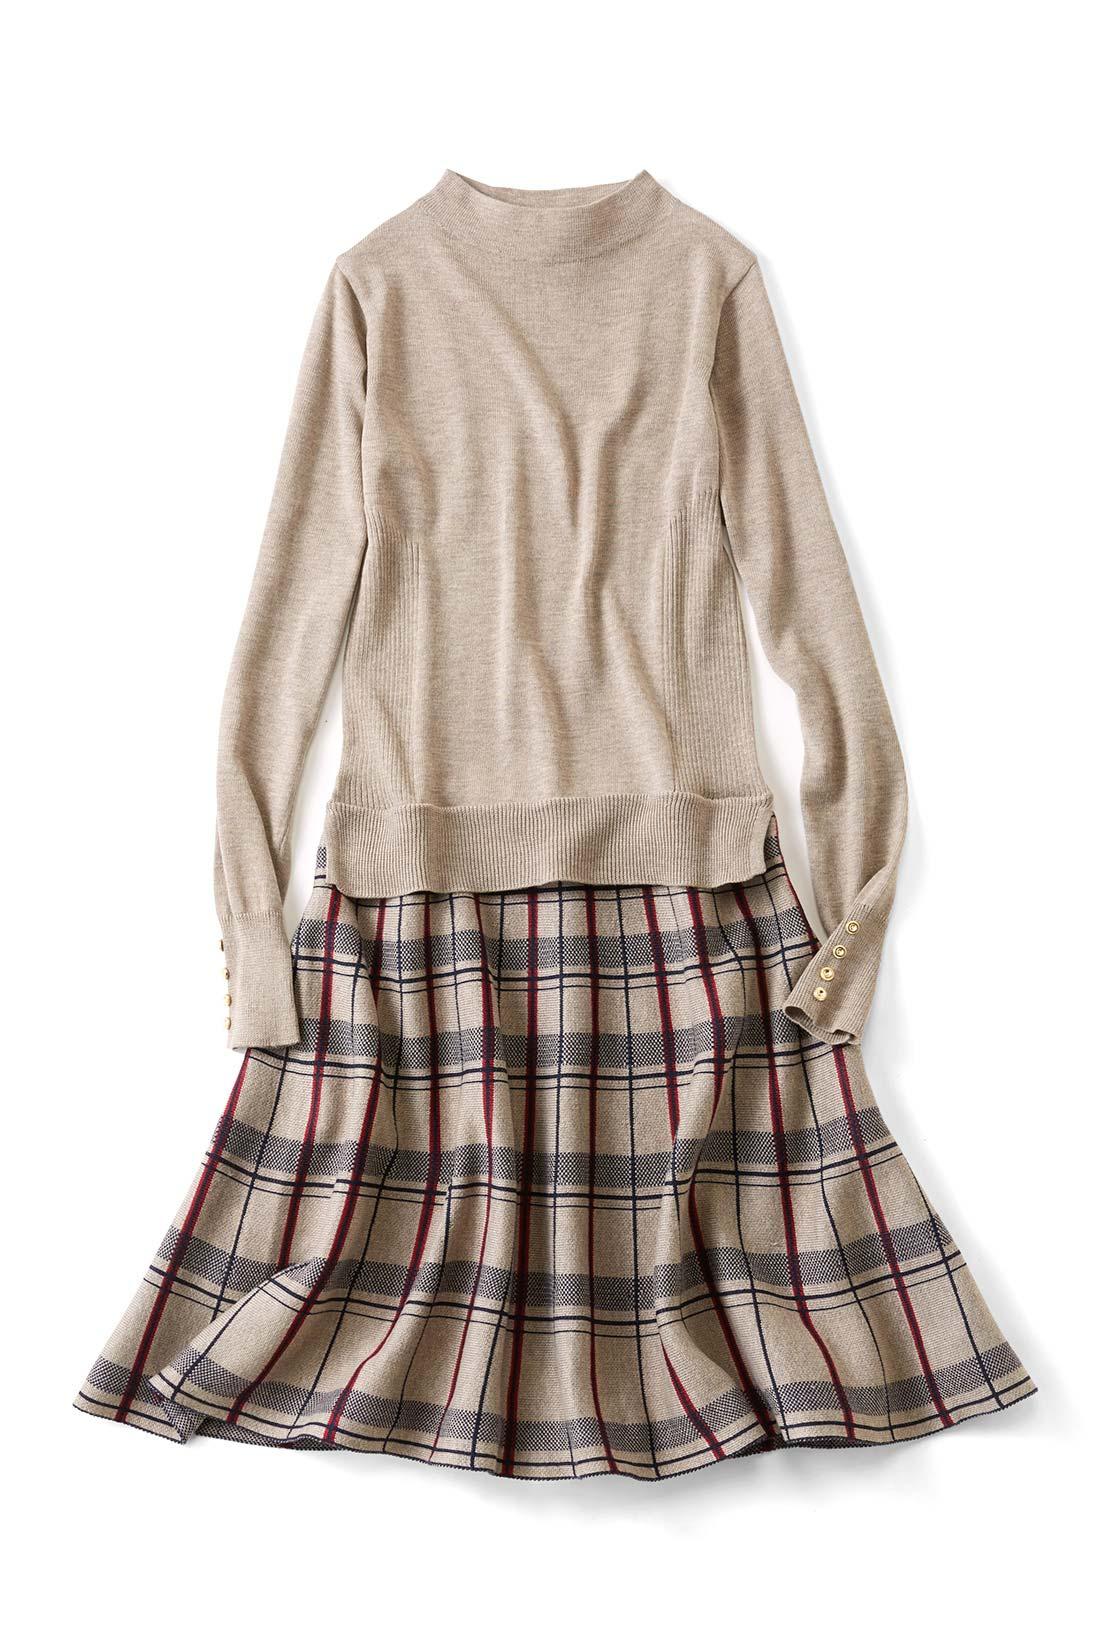 上品でベーシックな〈ベージュ〉 スカートは一枚仕立てで、ふんわり360°広がる美シルエット。サイドはリブですっきり見せ効果も。